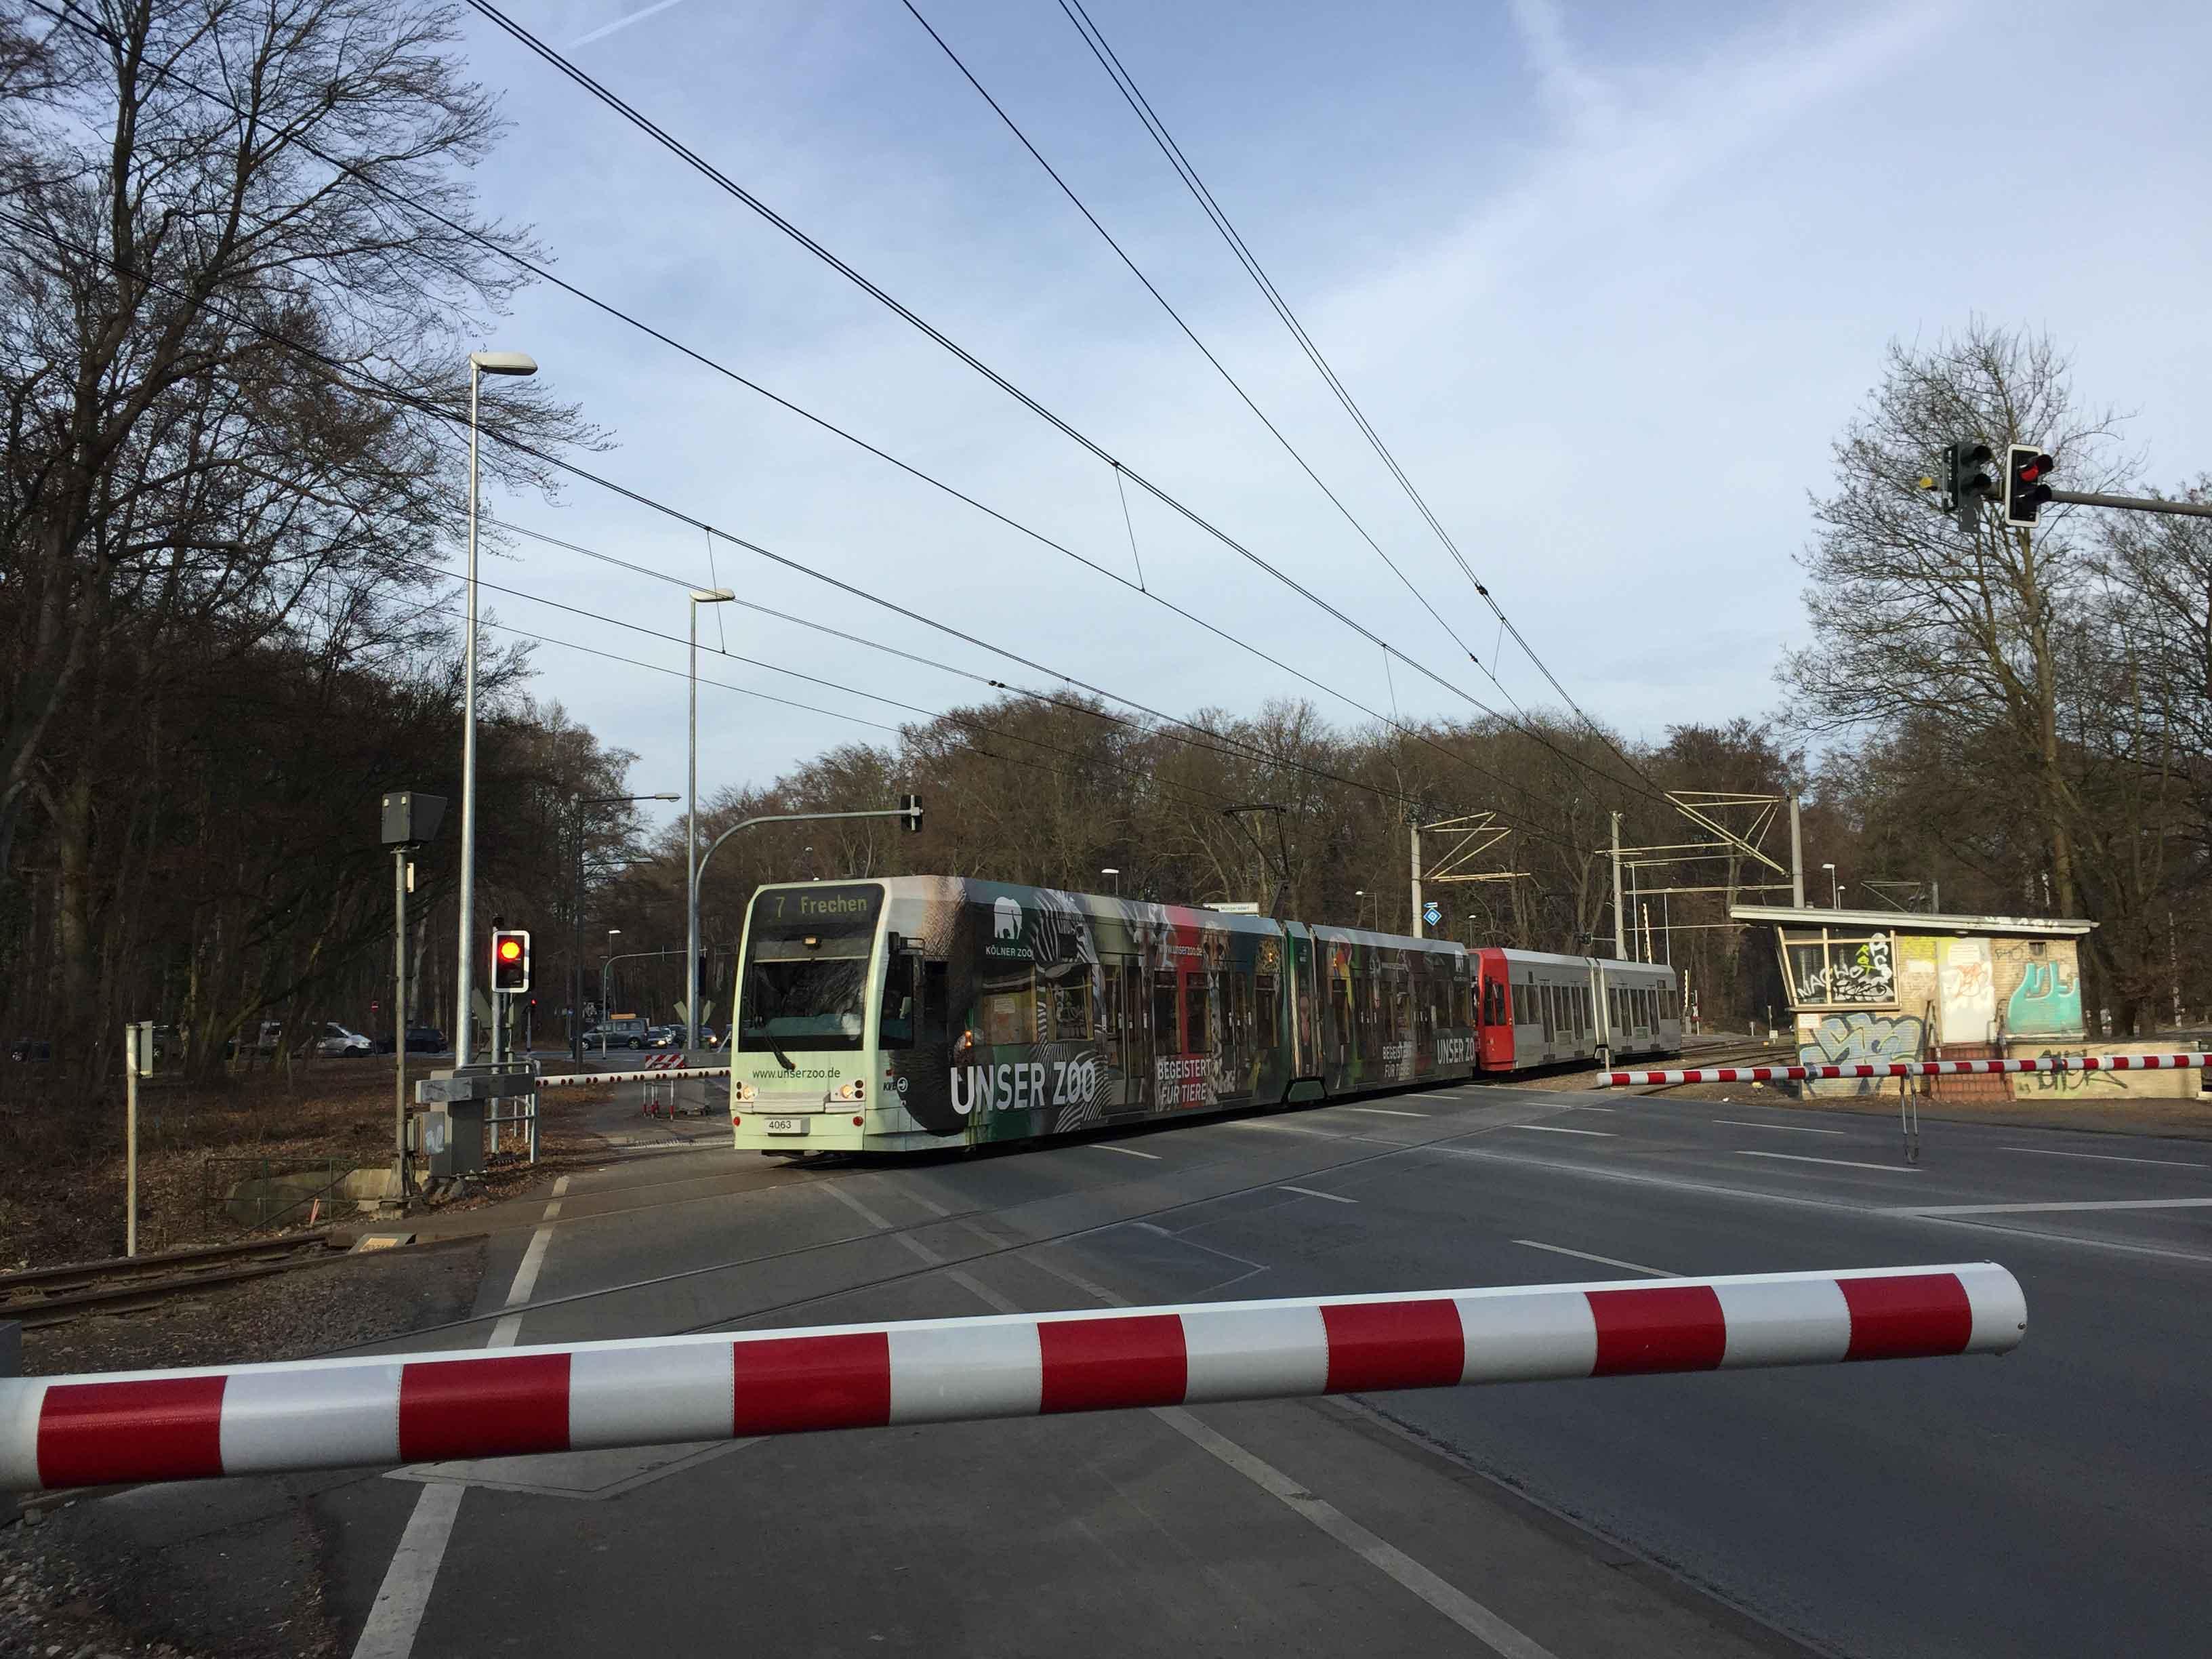 Am Militärring verläuft die Linie 7 über einen klassischen Bahnübergang und verschwindet dann zunächst im Grünen.